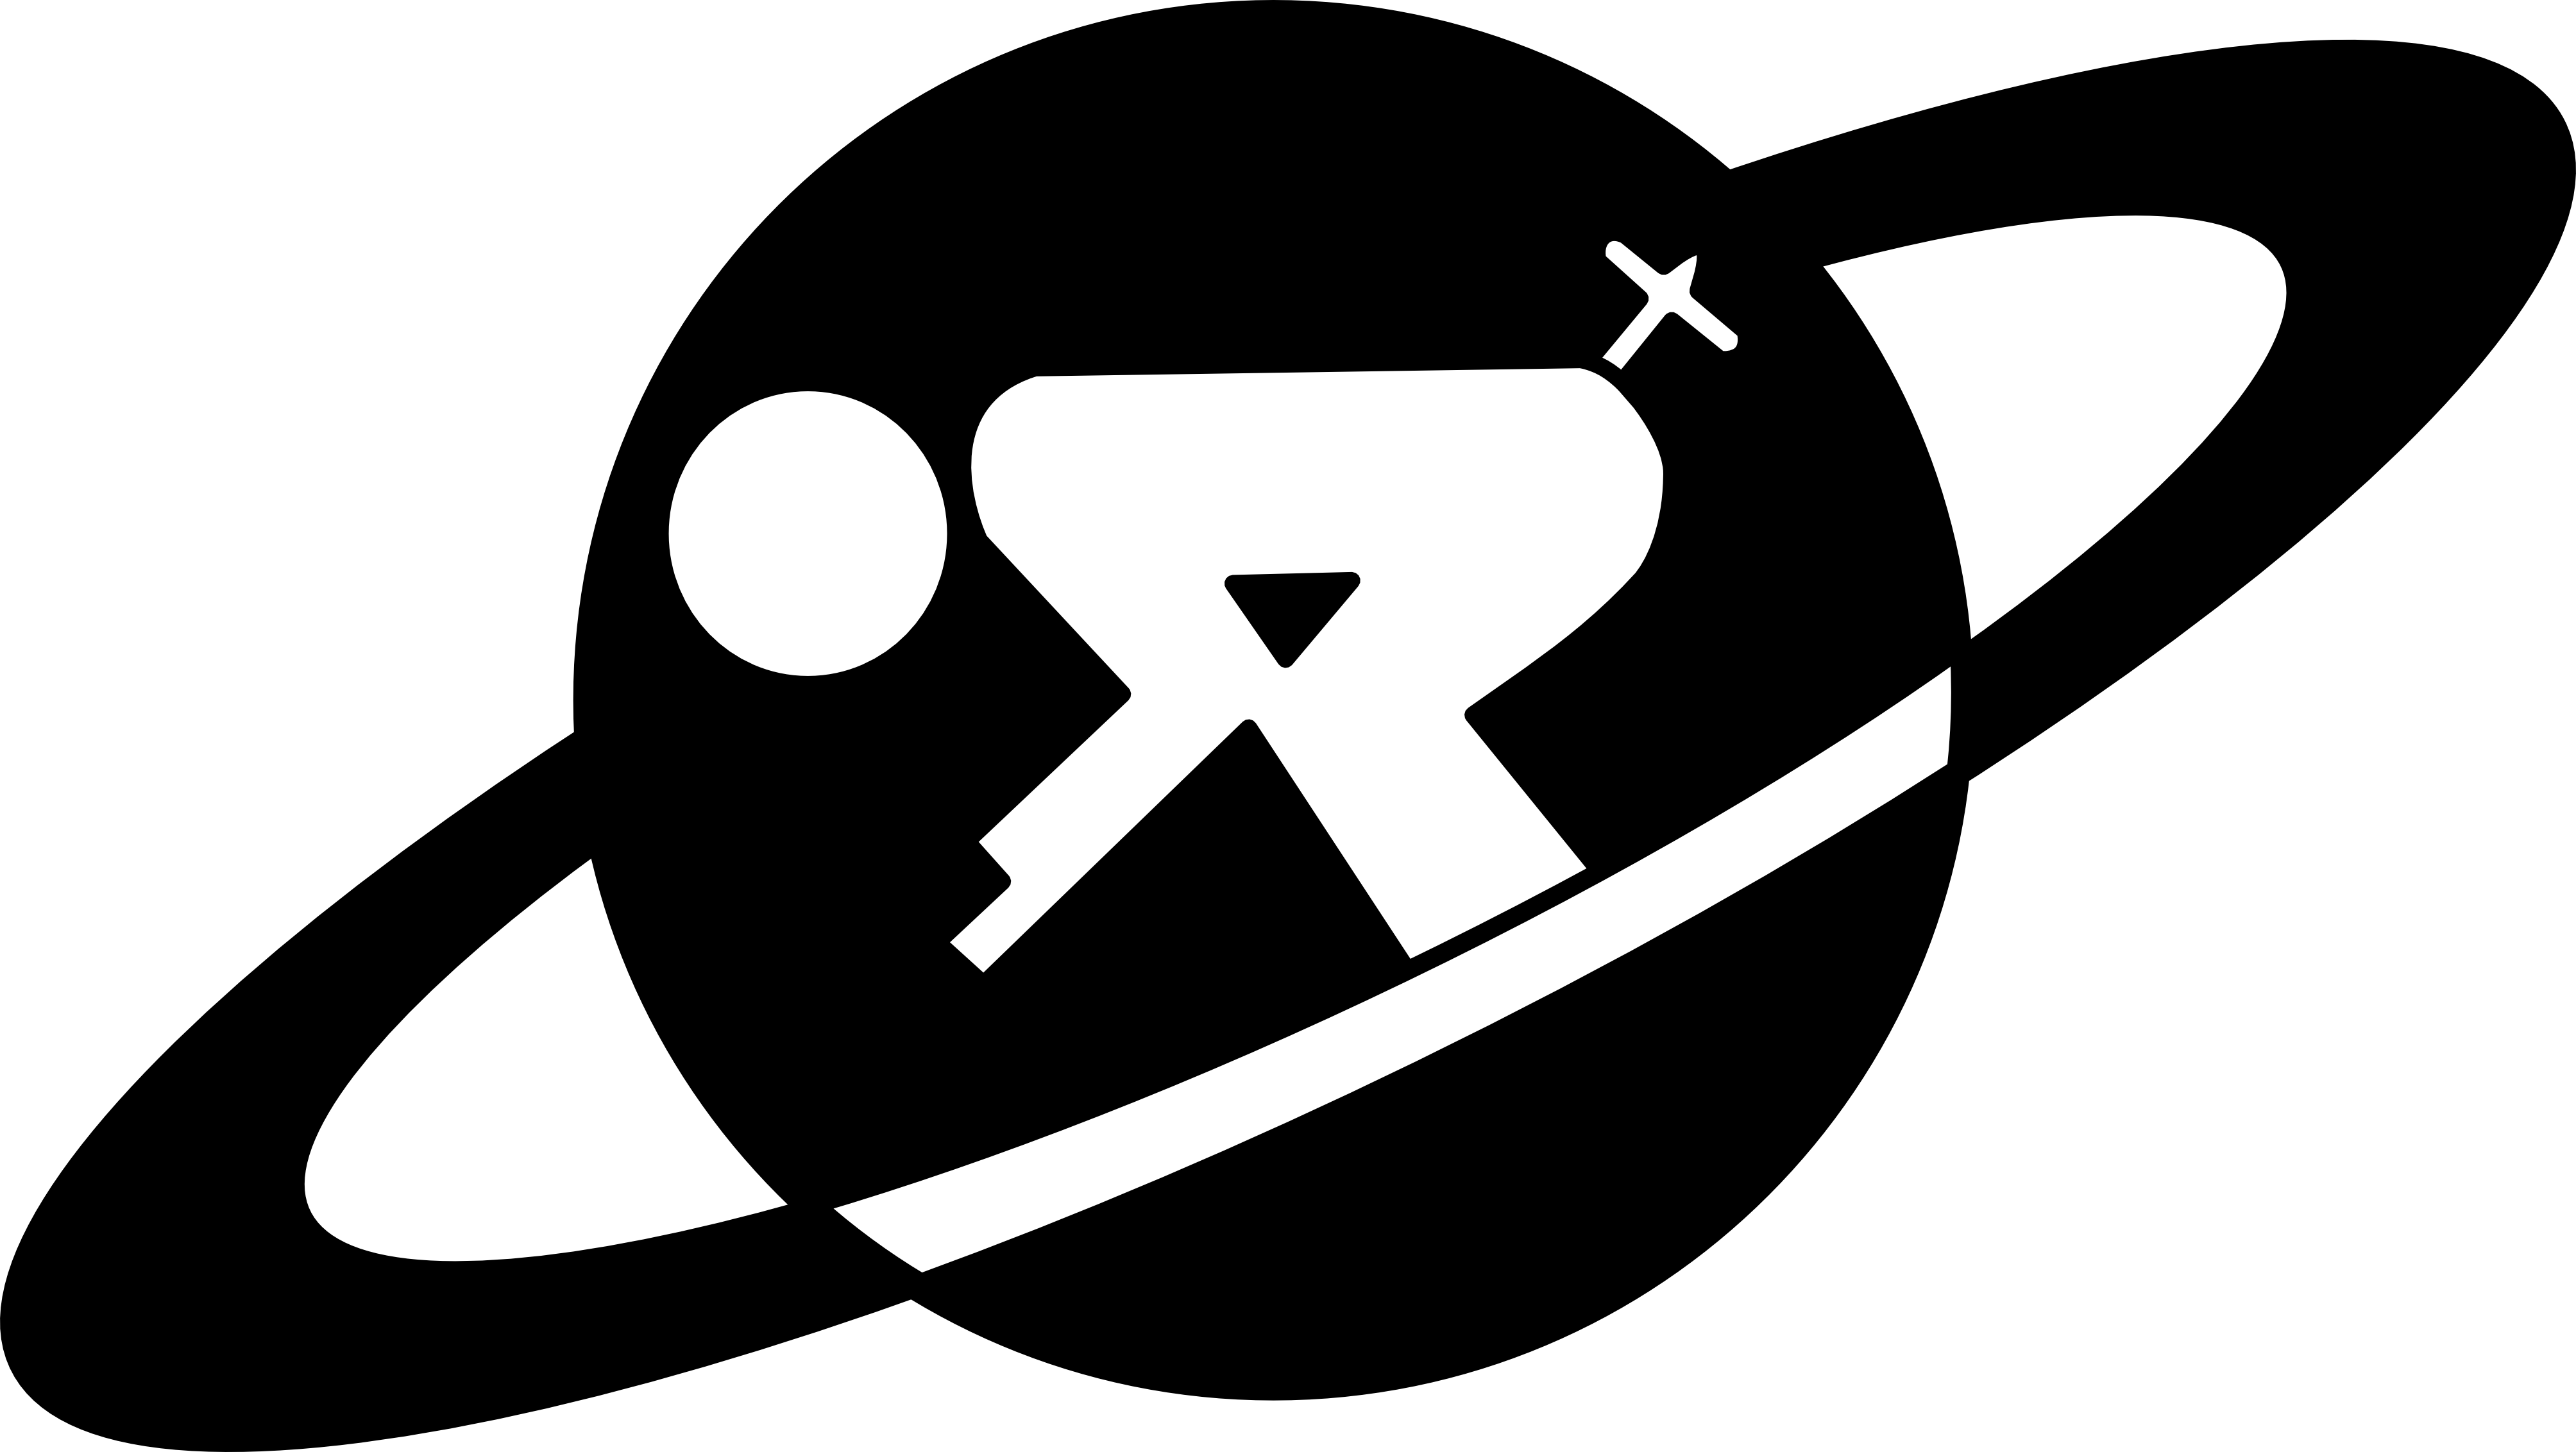 Logos lewis logo black. Skis clipart ski club